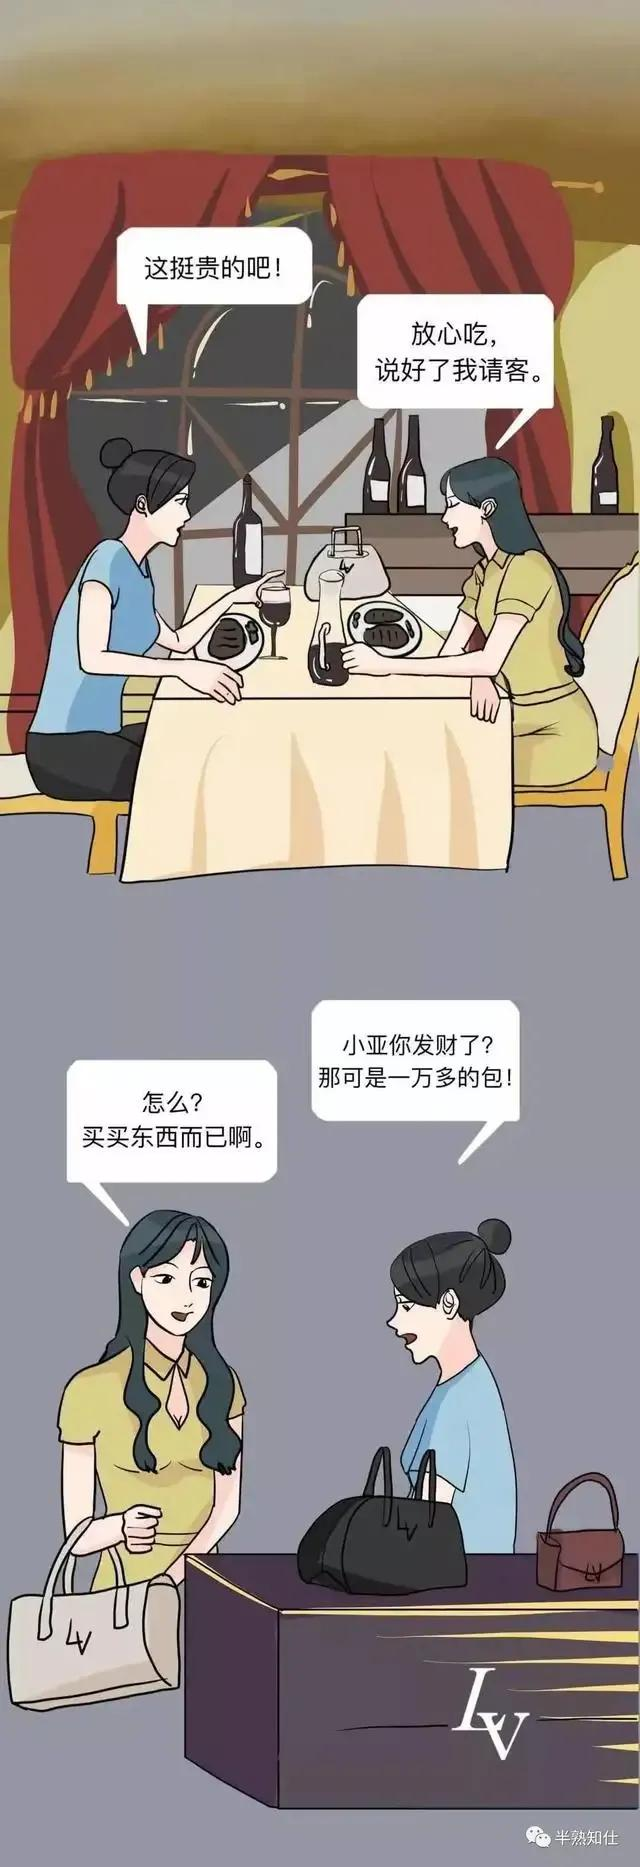 一個女生的借貸經歷:網貸一時爽,還錢火葬場!(漫畫)